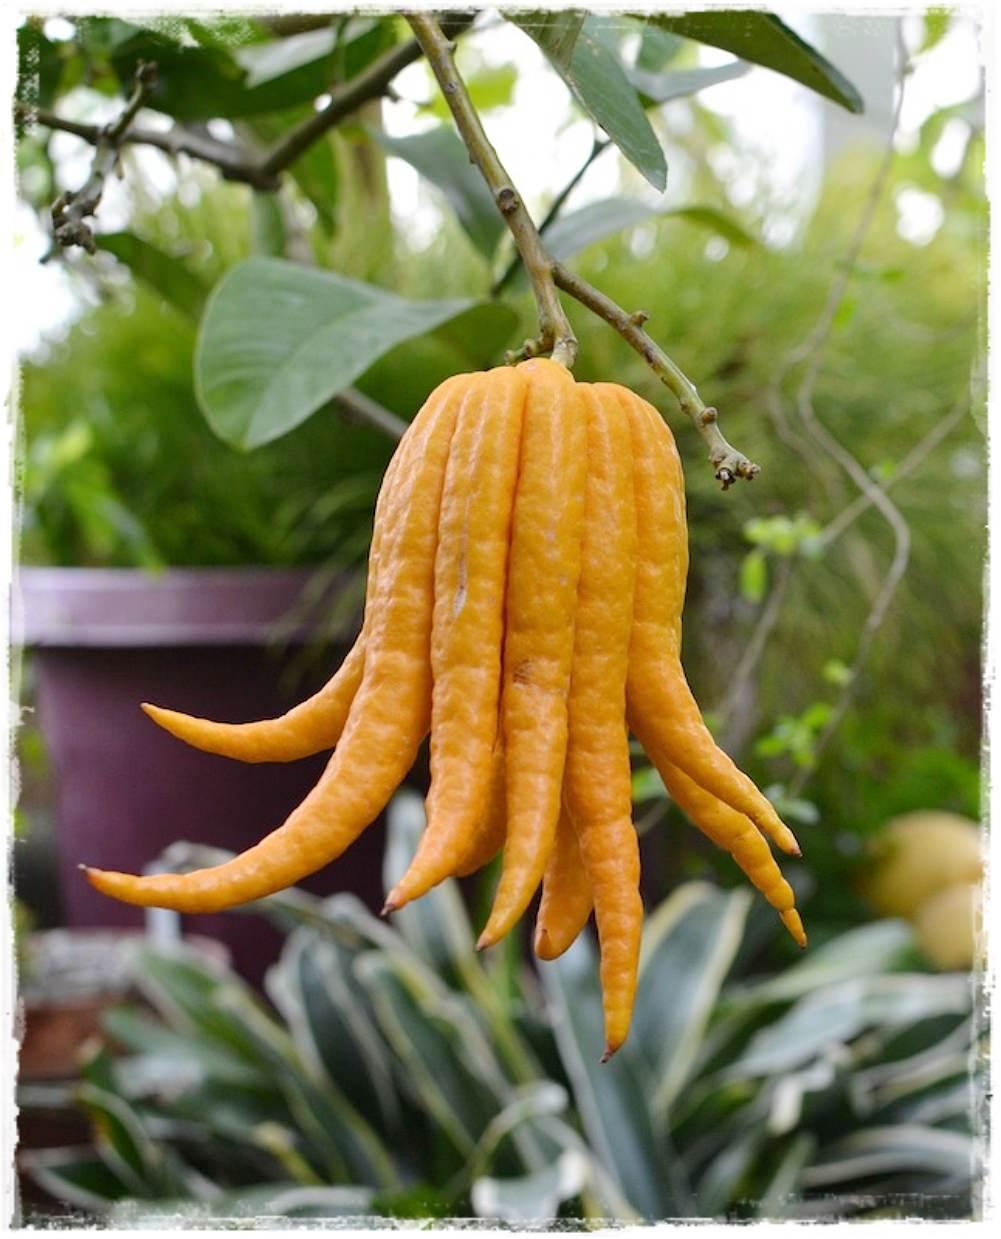 Cedro mano di buddha citrus medica vendita piante online for Piante di cedro vendita